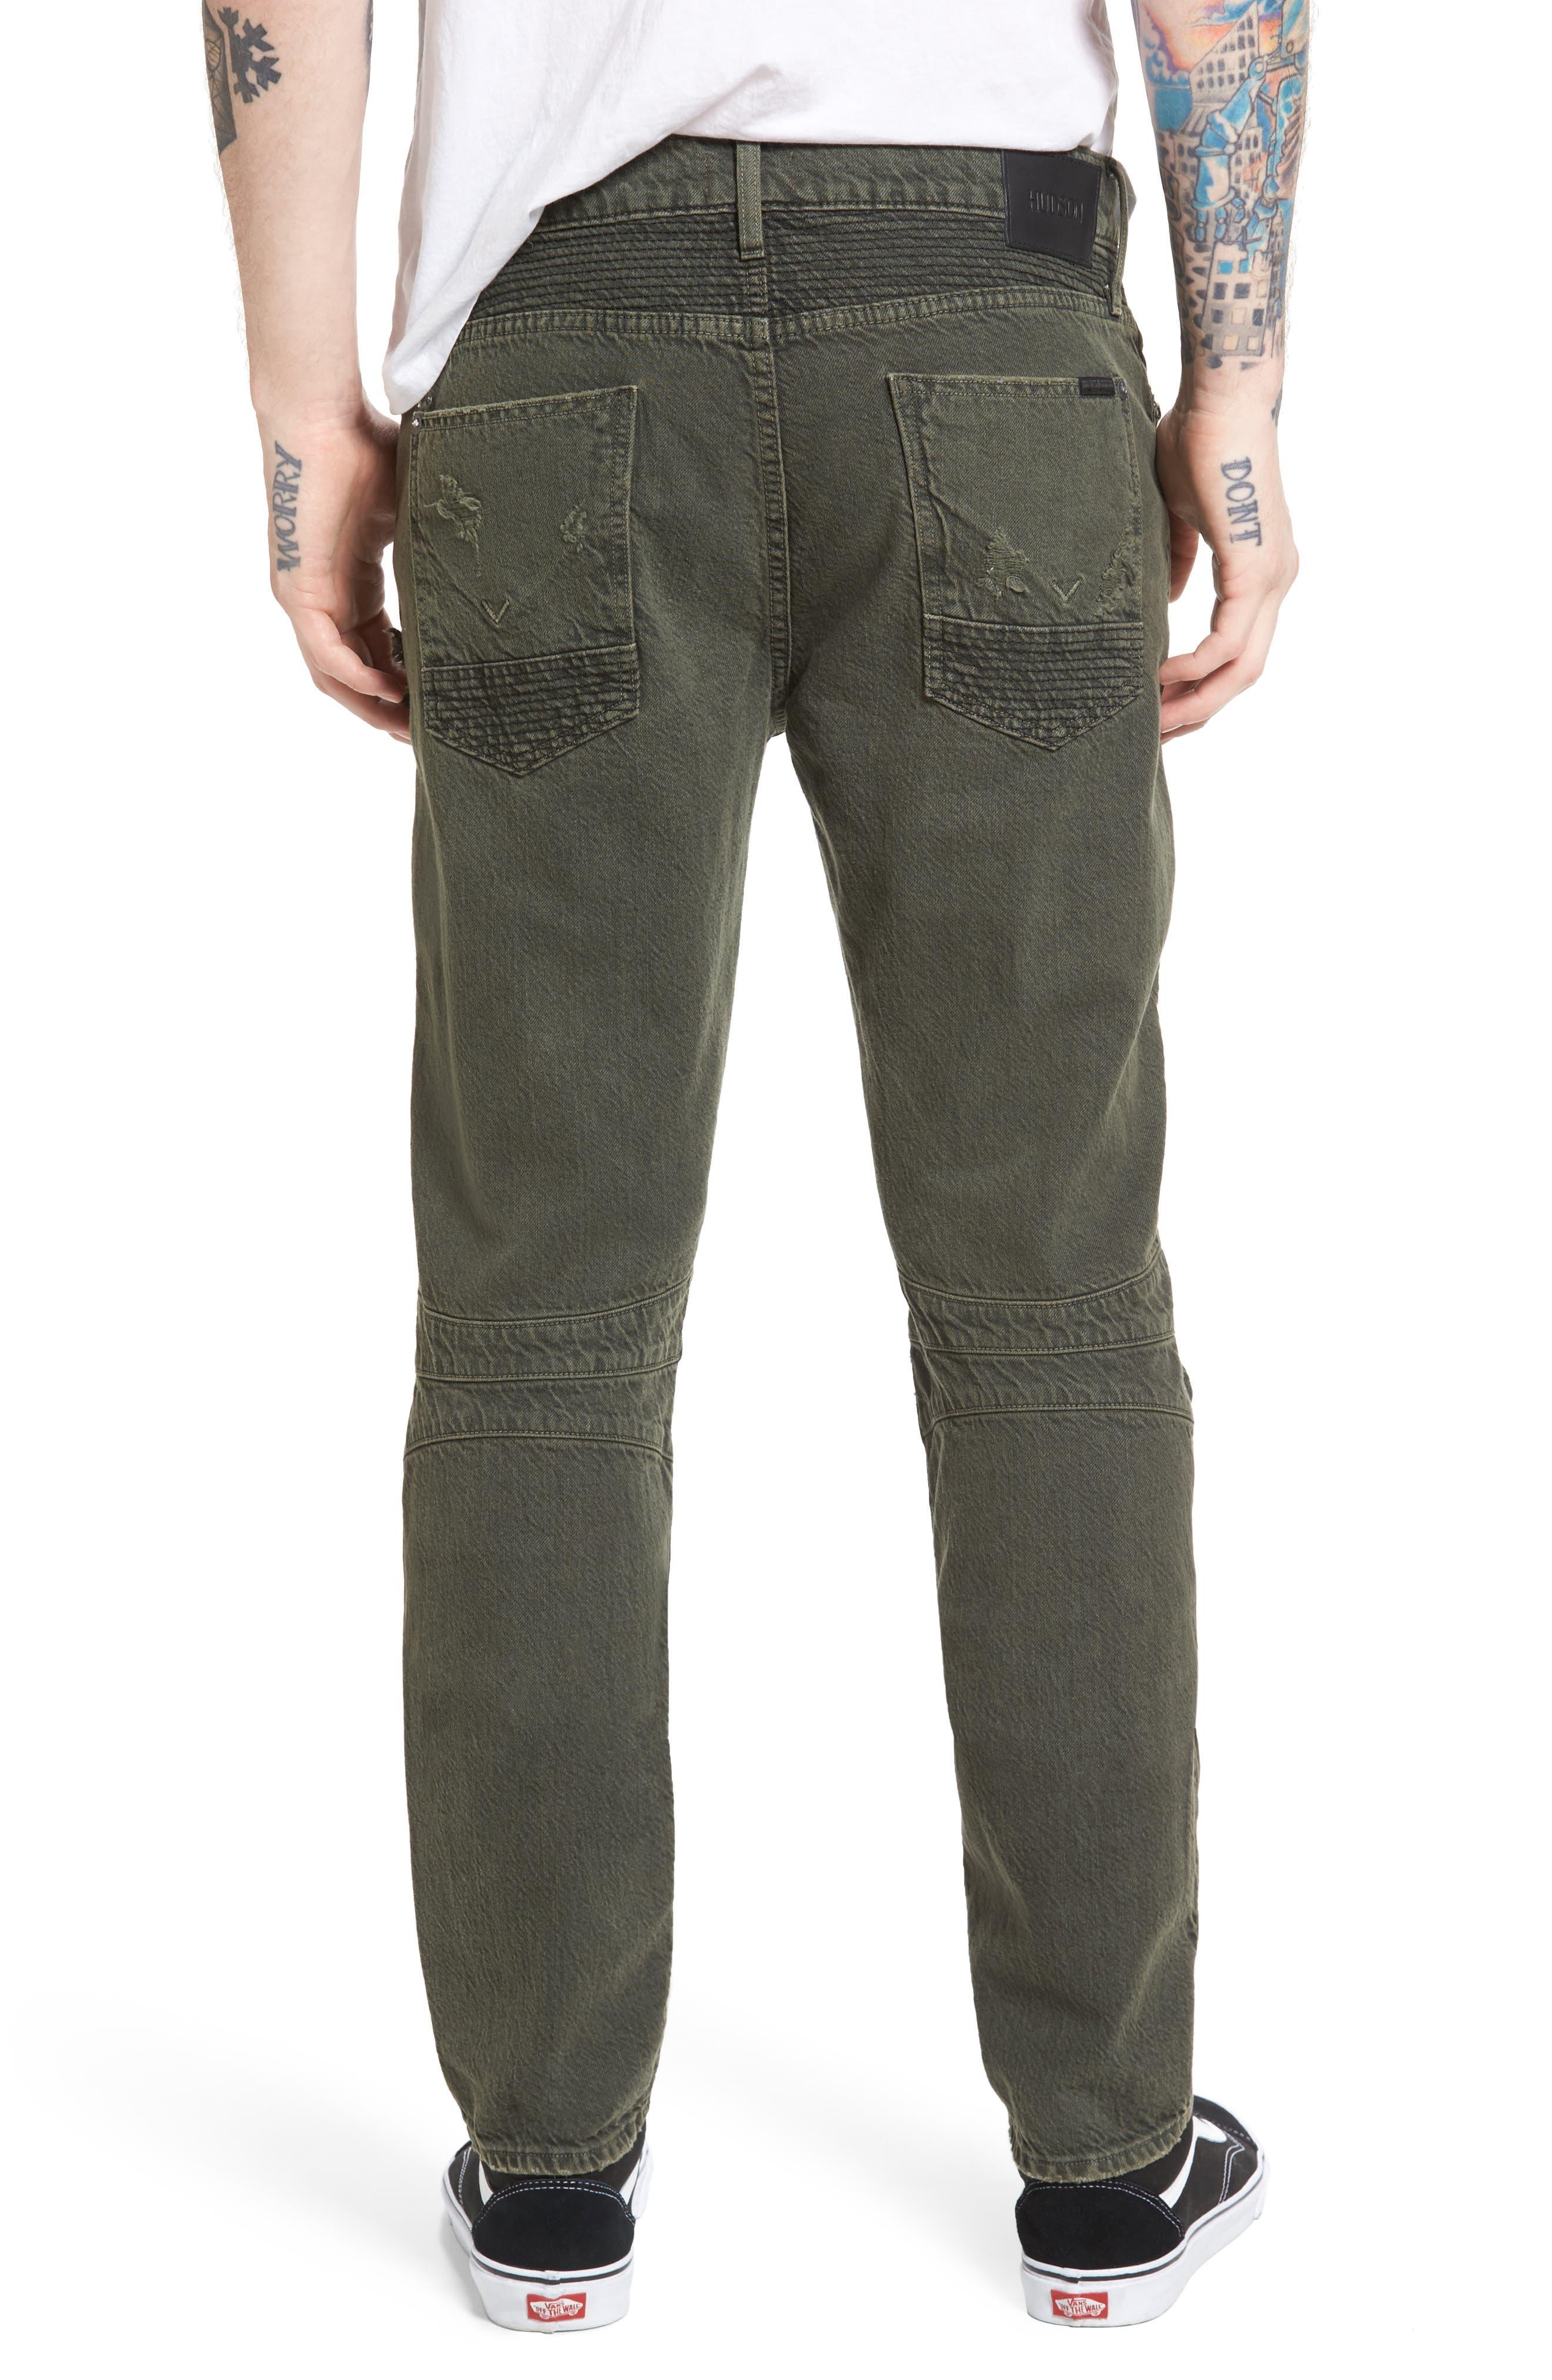 Blinder Biker Skinny Fit Jeans,                             Alternate thumbnail 2, color,                             300